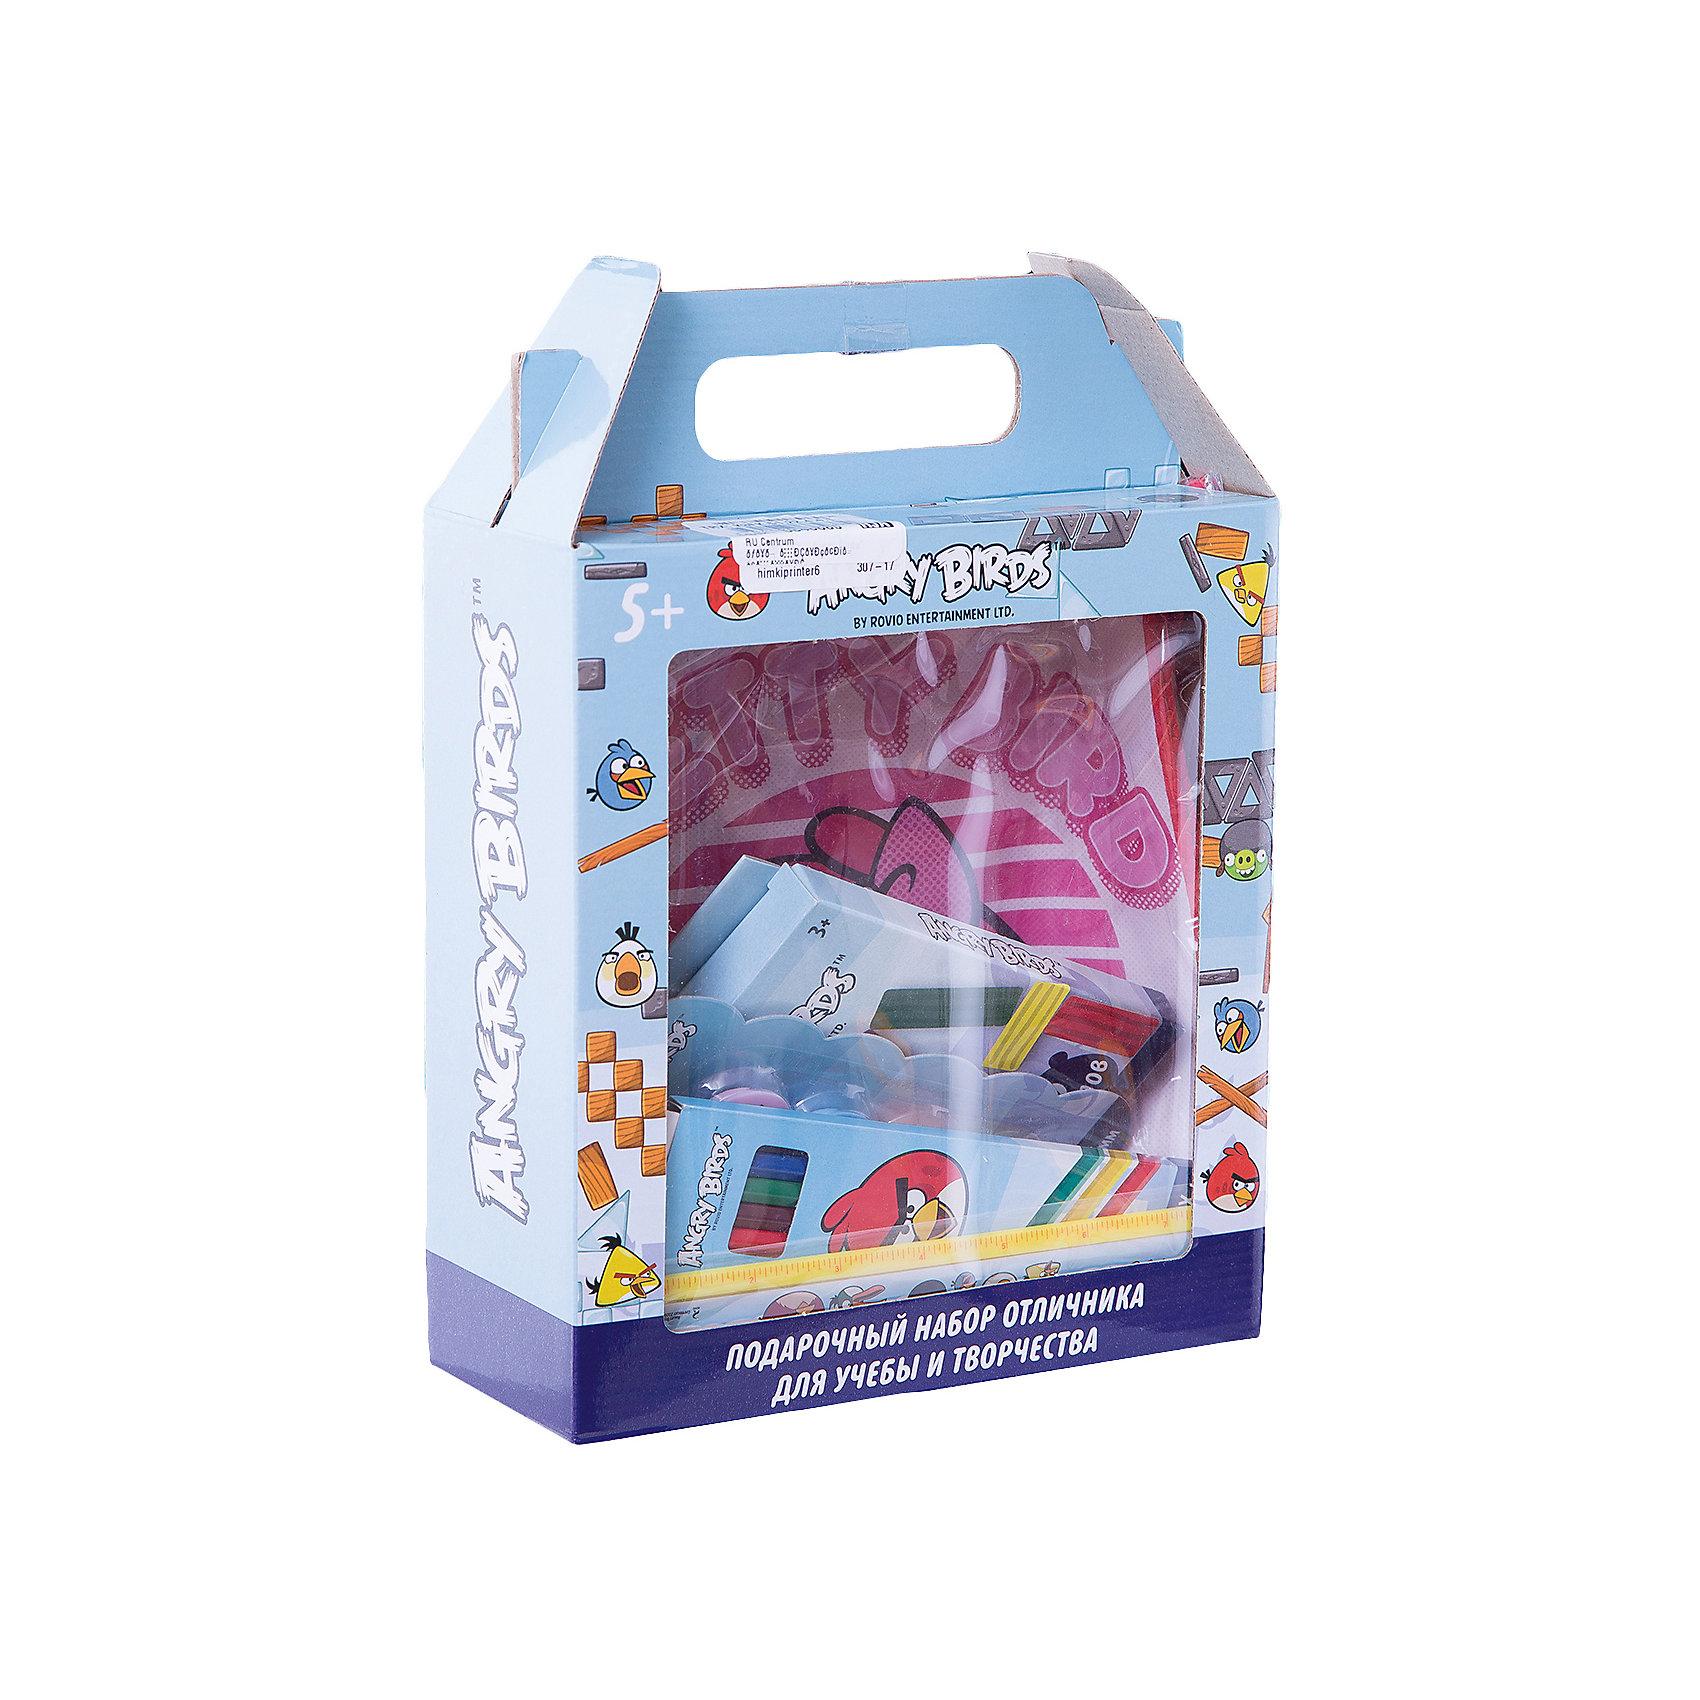 Centrum Подарочный набор отличника для учебы и творчества Angry BirdsШкольные аксессуары<br>Подарочный набор отличника Angry Birds для учебы и творчества. Состав набора: сумка, ластик, линейка, набор магнитов, пластилин, клей, точилка, карандаши цветные<br><br>Ширина мм: 90<br>Глубина мм: 215<br>Высота мм: 285<br>Вес г: 9999<br>Возраст от месяцев: 72<br>Возраст до месяцев: 2147483647<br>Пол: Унисекс<br>Возраст: Детский<br>SKU: 6846685